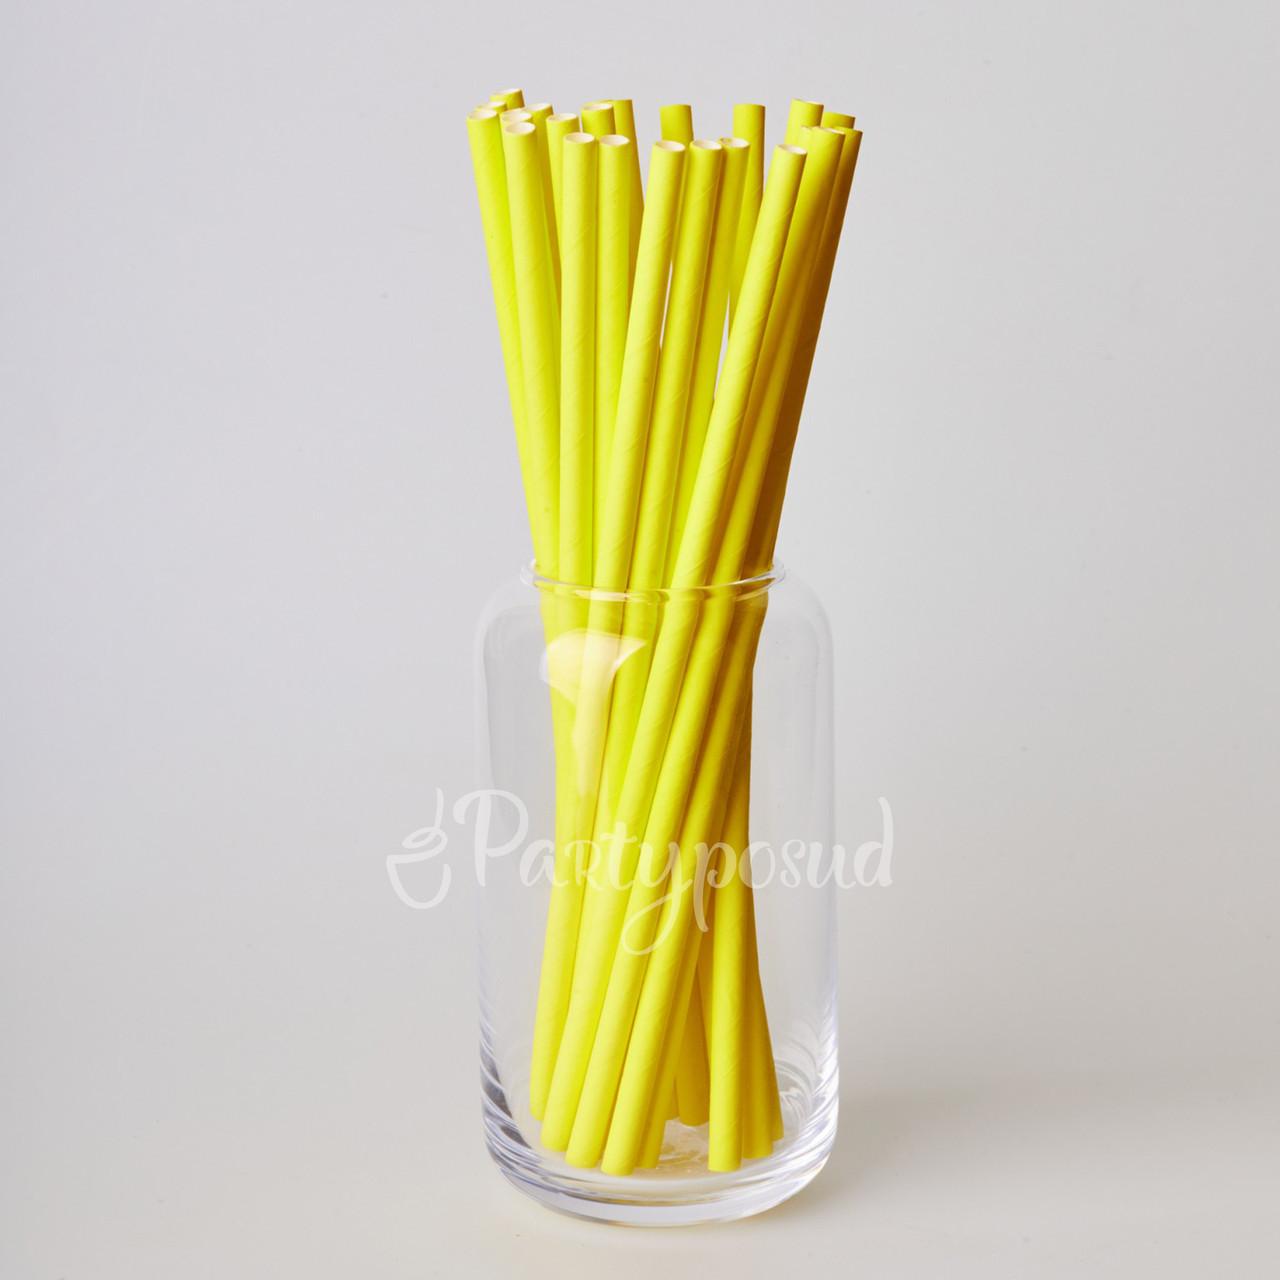 Трубочка бумажная жёлтая